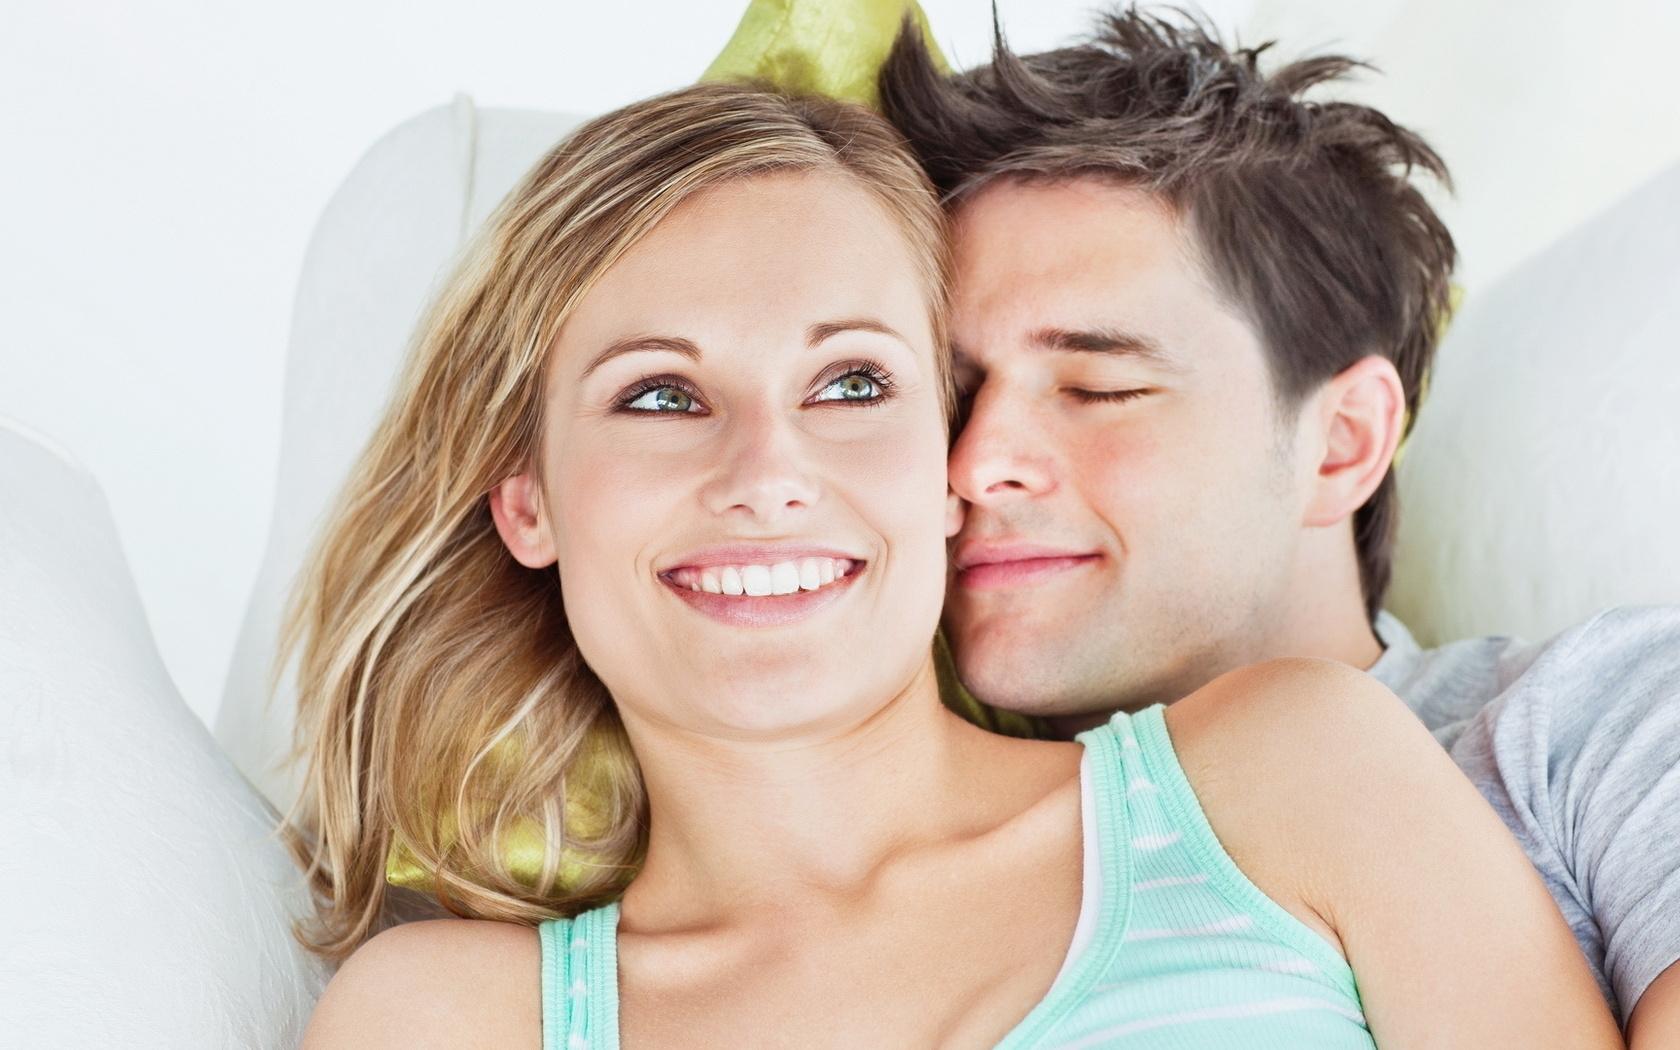 Popular Wallpaper Love Boyfriend - boyfriend-girlfriend-he-she-smile-eyes-touch-love-664643  Trends_829013.jpg